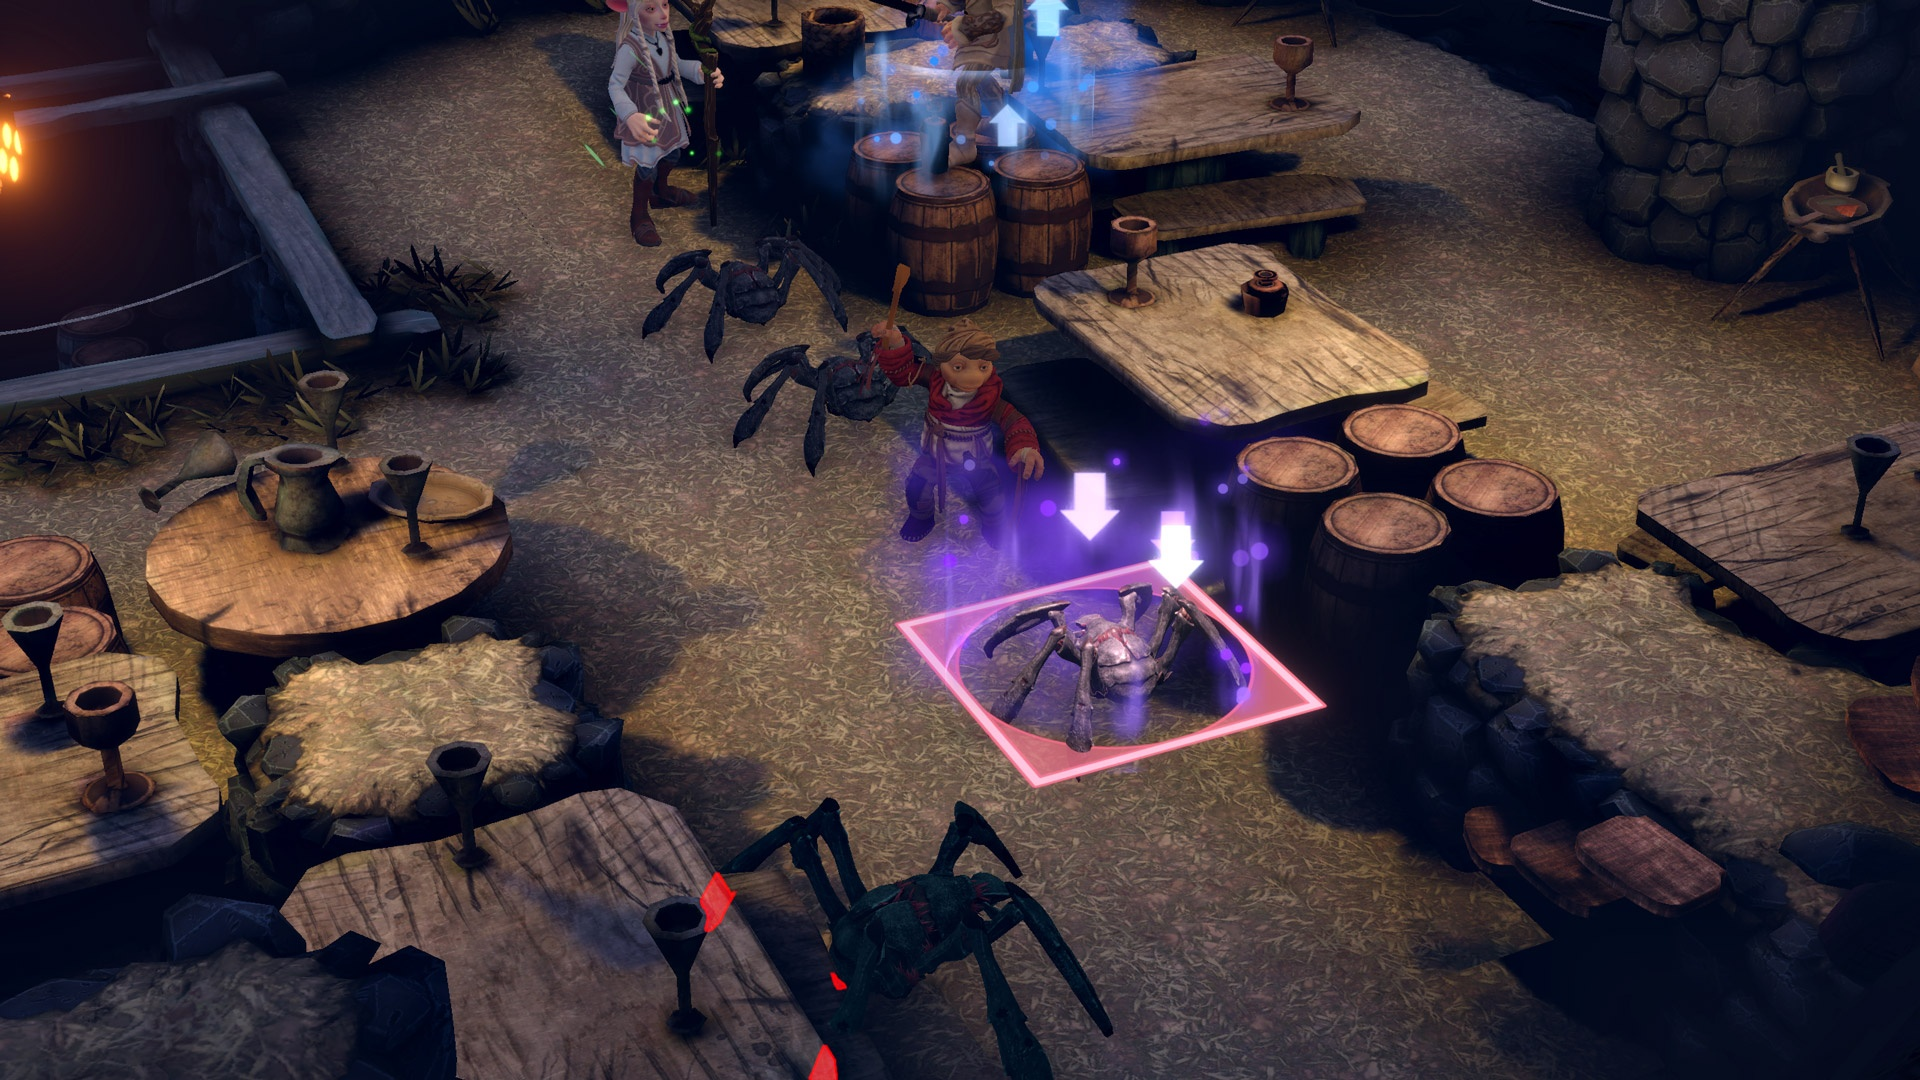 The Dark Crystal: Age of Resistance Tactics выйдет лишь в феврале 2020 года